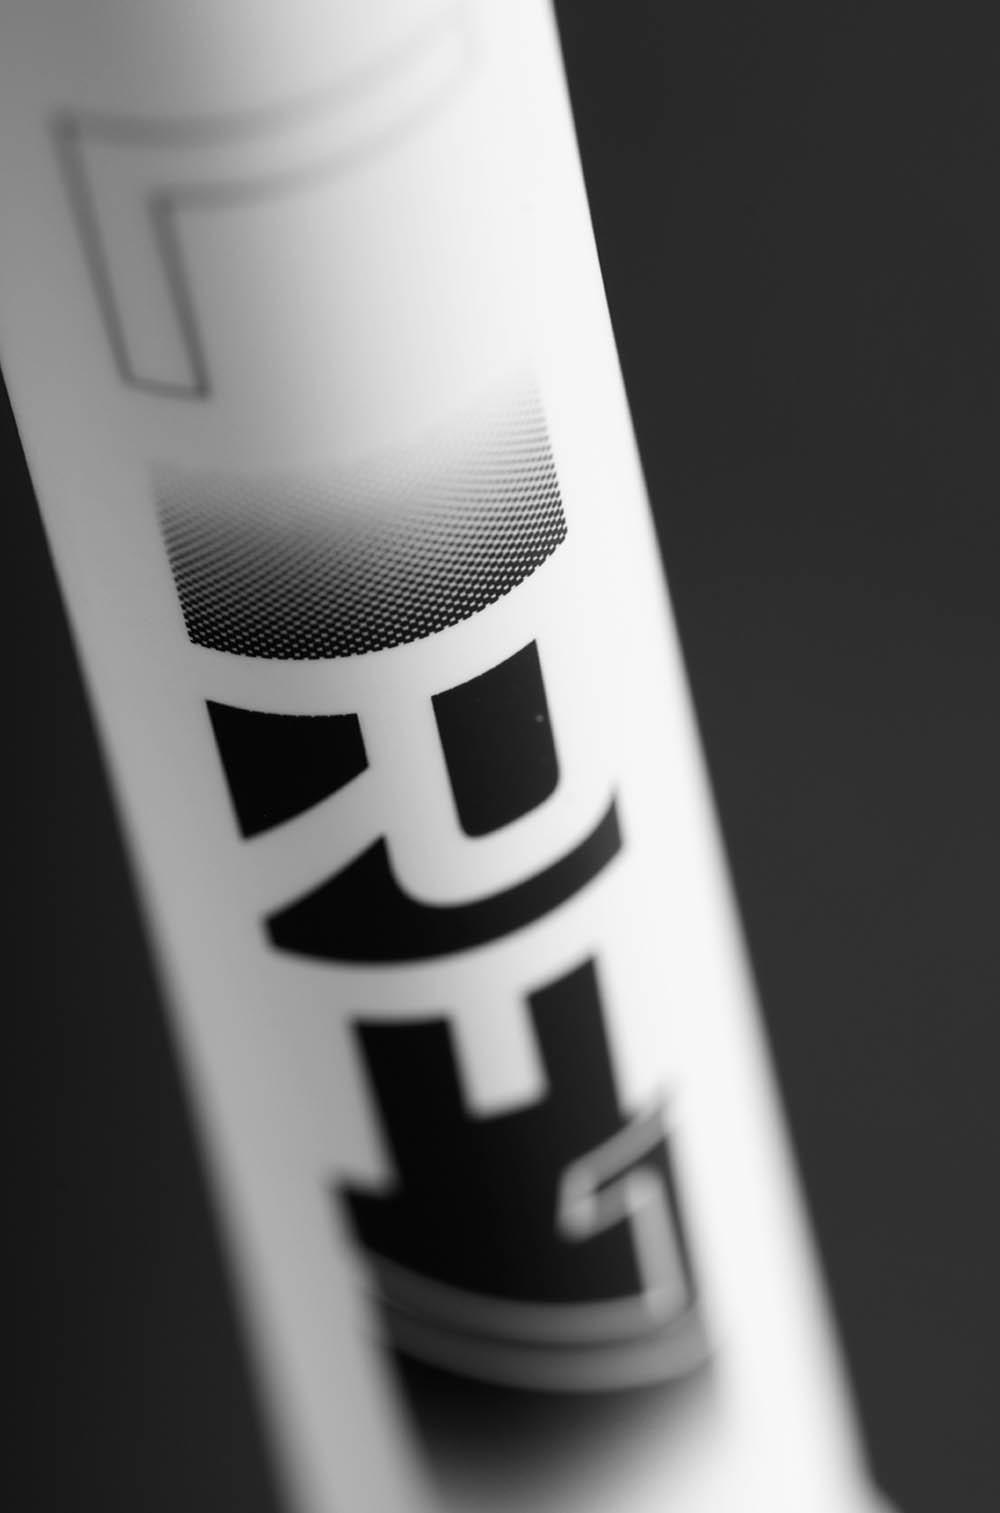 unihoc EPIC RE7 Super Top Light 27 All White